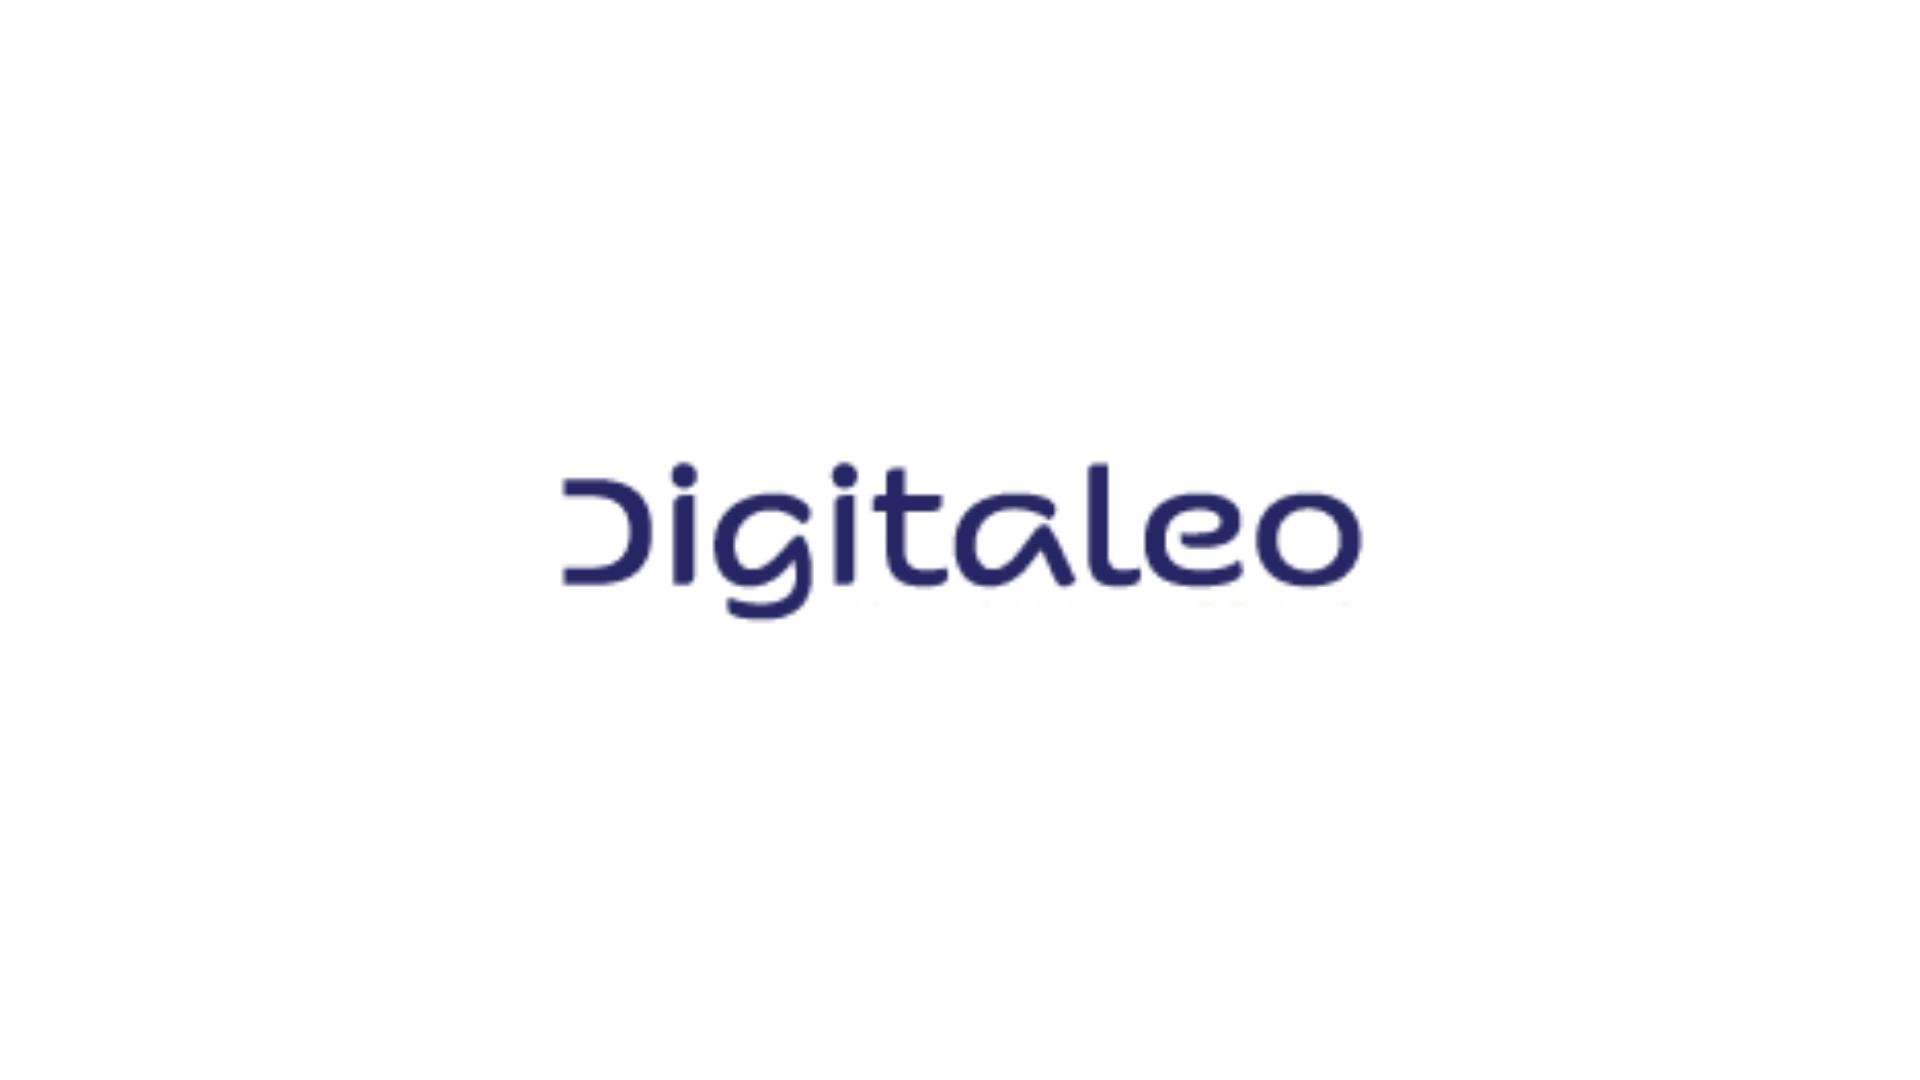 digitaleo pour label lucie